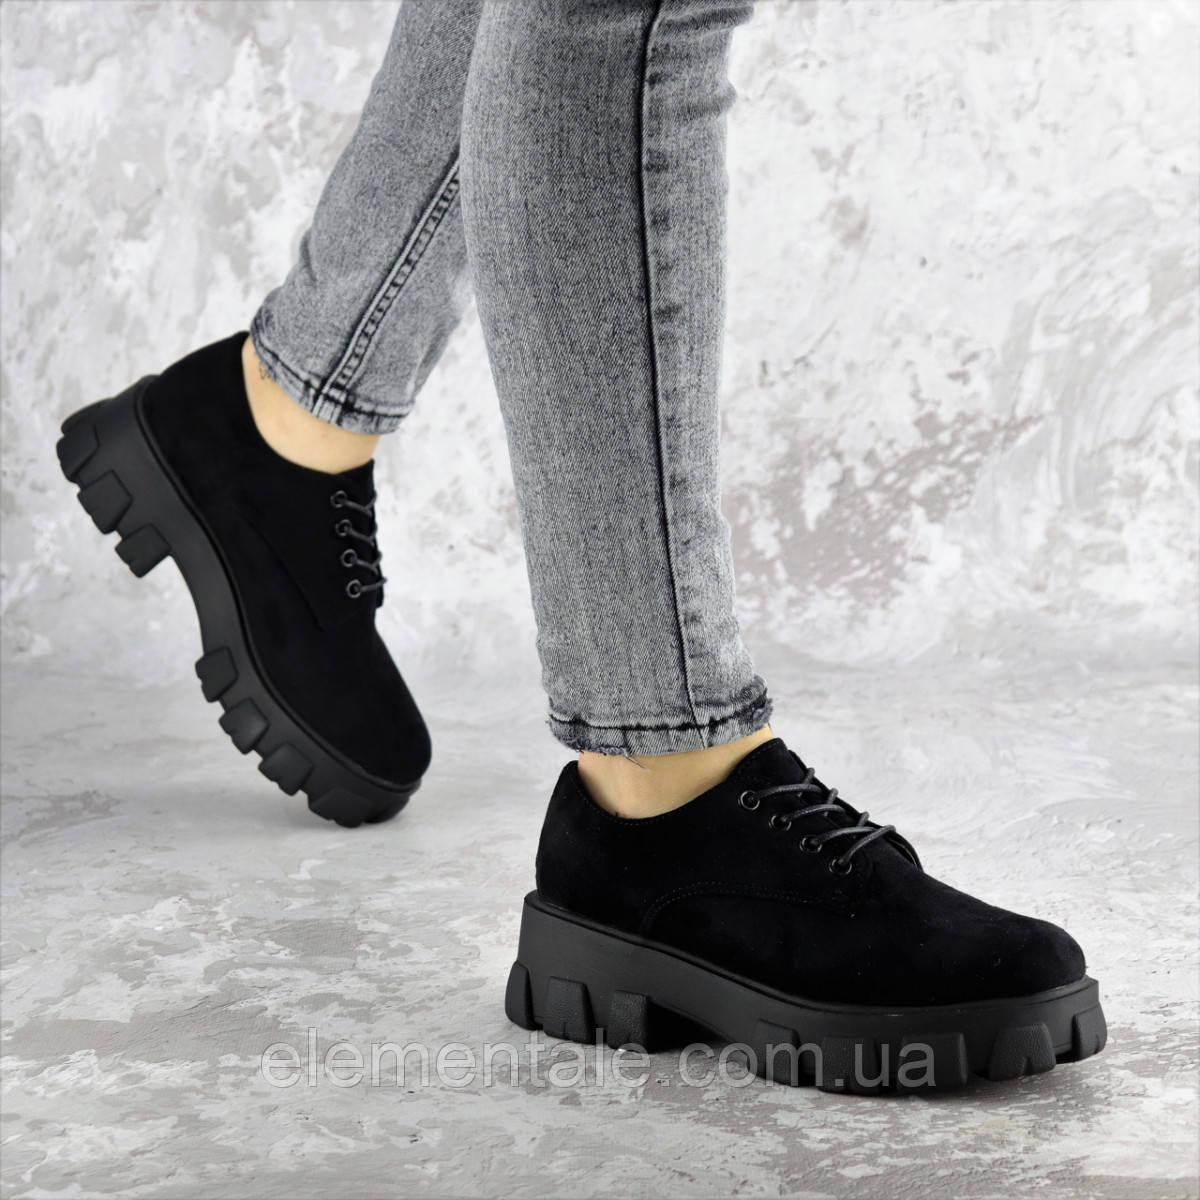 Туфли женские 36 размер 23,5 см Черные